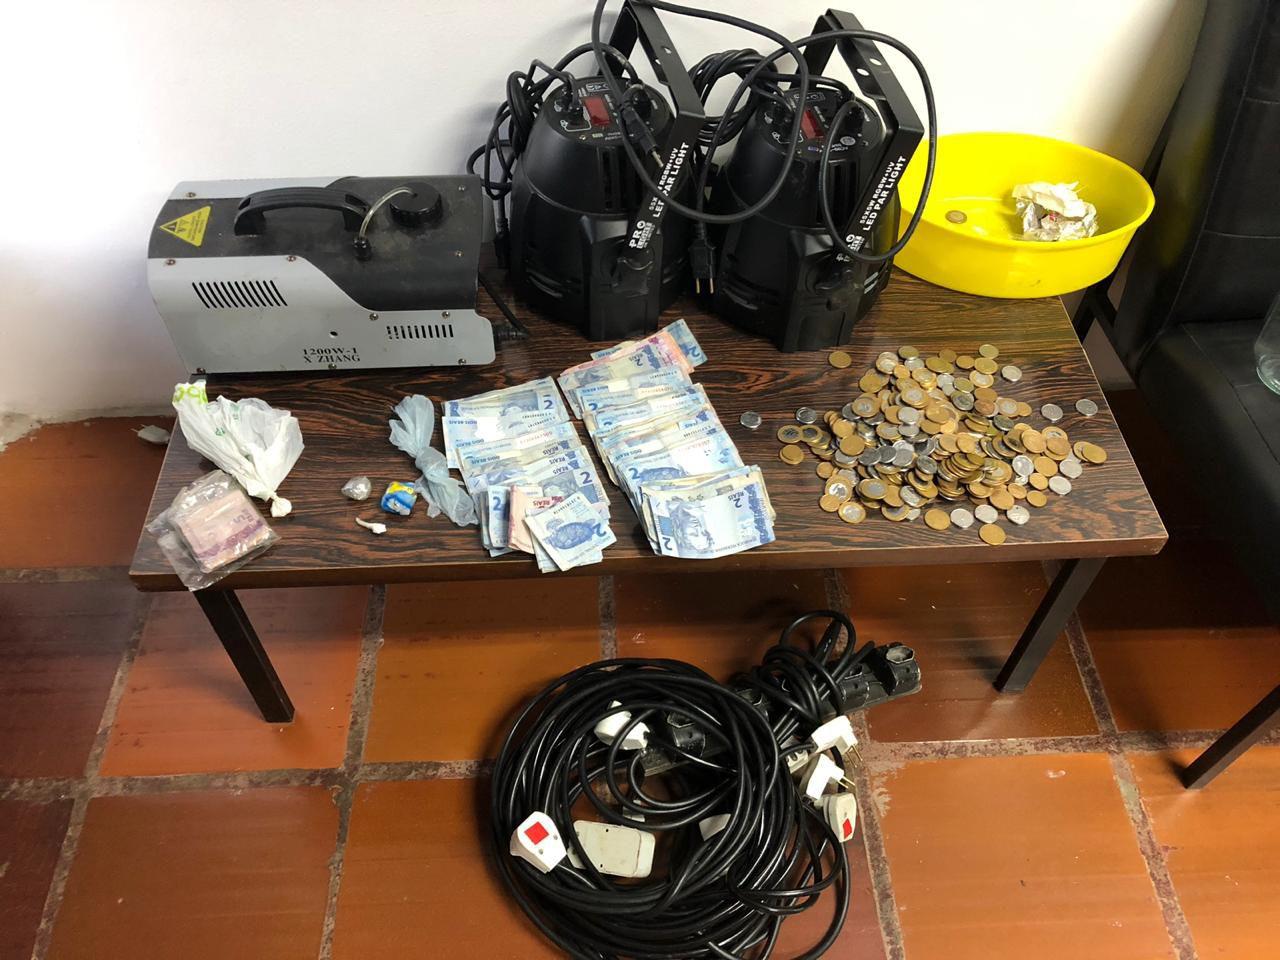 Polícia Civil cumpre mandado de busca e apreensão por tráfico de drogas e receptação em boate na cidade de Arvorezinha